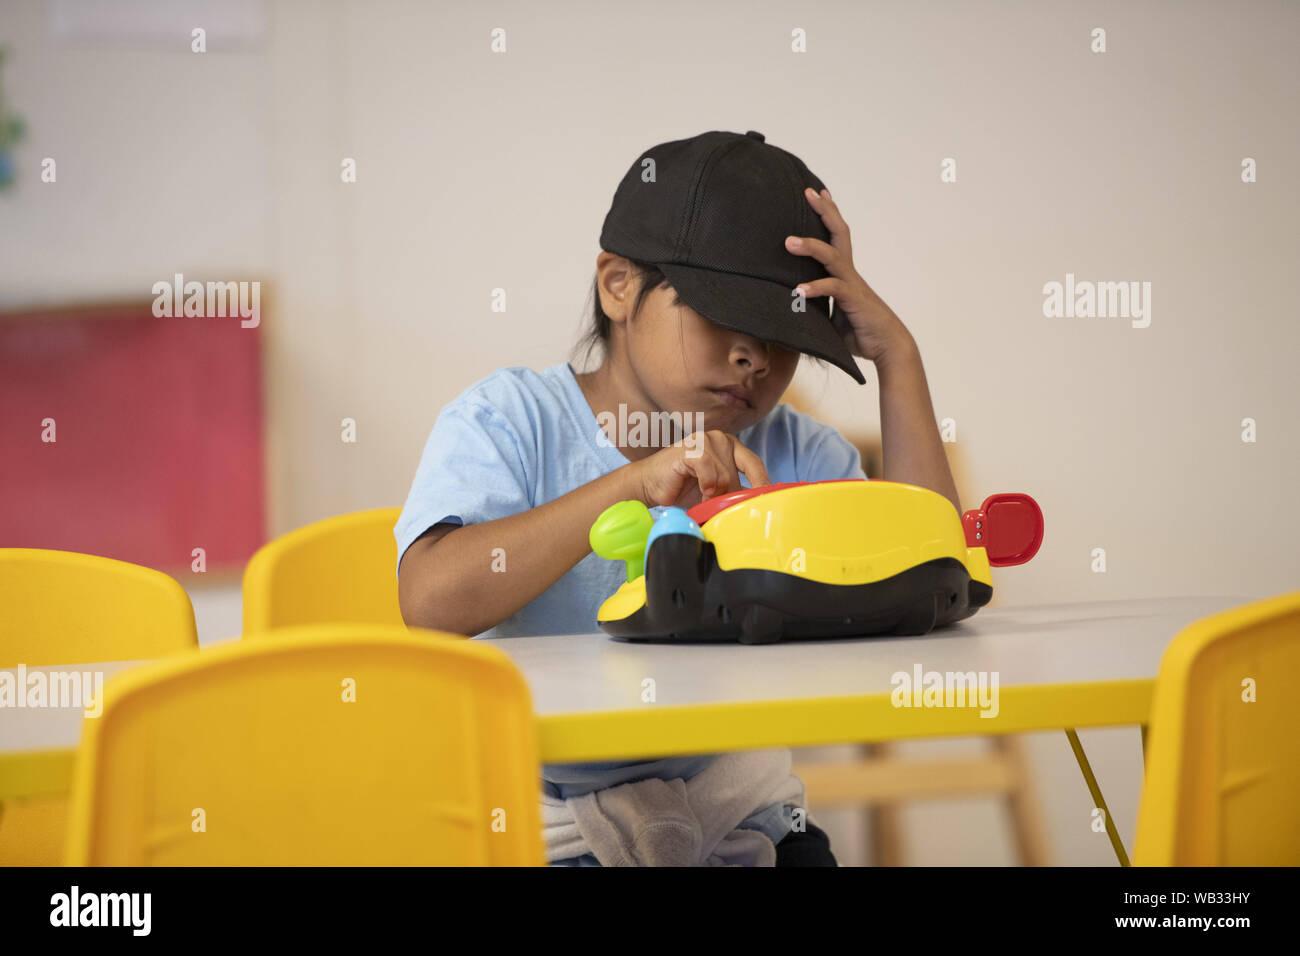 Dilley, Texas, USA. Août 23, 2019. Les enfants de migrants d'Amérique centrale de jouer et aller à l'école pendant la journée à la U.S. Immigration and Customs Enforcement (ICE) de la famille du sud du Texas à l'extérieur de l'établissement résidentiel Dilley. Le campus 55 acres est actuellement la maison d'environ 900 mères et enfants en attente d'immigration ou d'expulsion. Credit: Bob Daemmrich/ZUMA/Alamy Fil Live News Banque D'Images